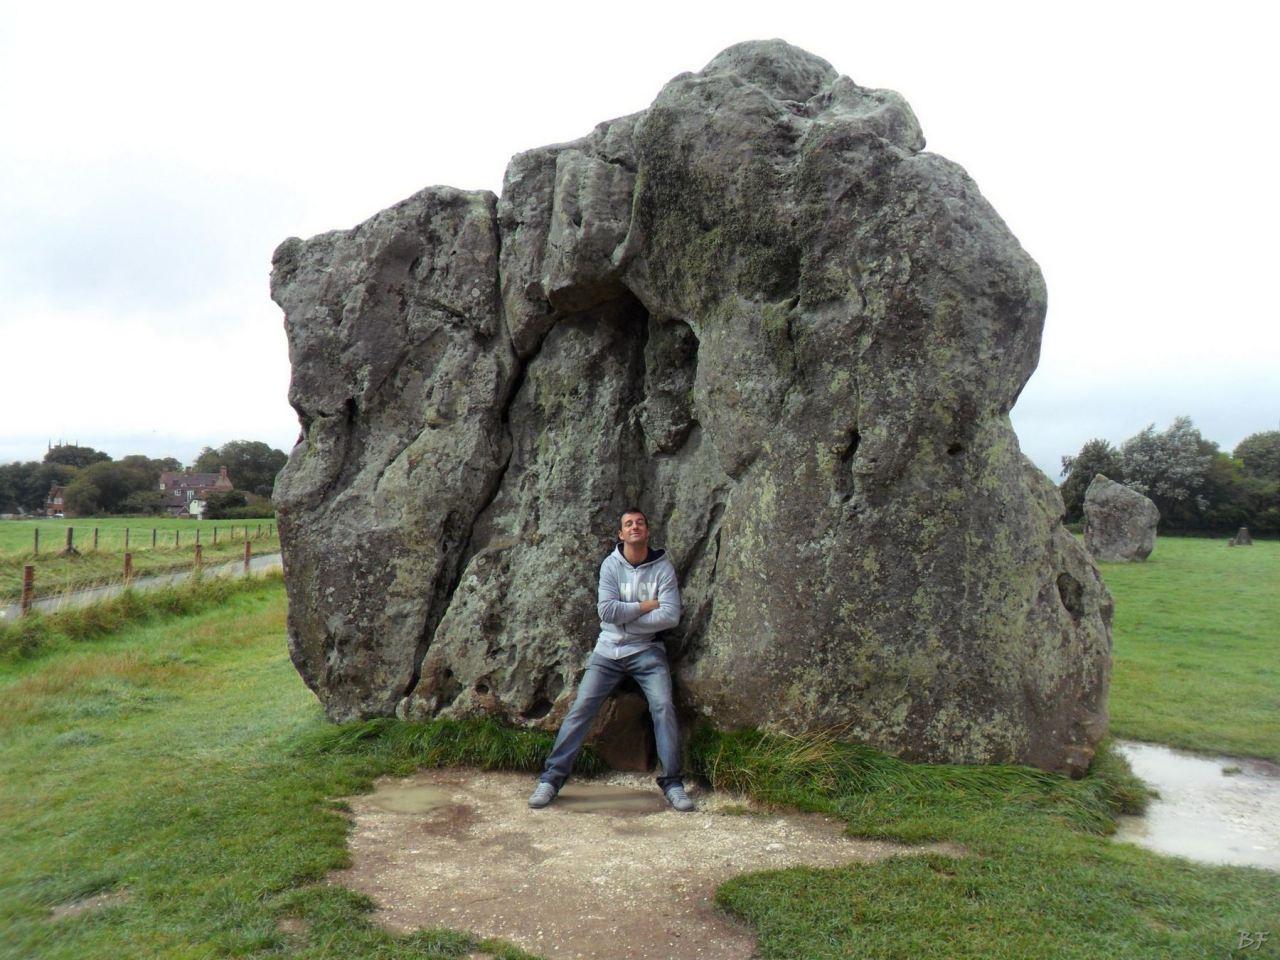 frAnk-e-Menhir-di-Avebury-Sedia-del-Diavolo-Wiltshire-Regno-Unito-Gran-Bretagna-2